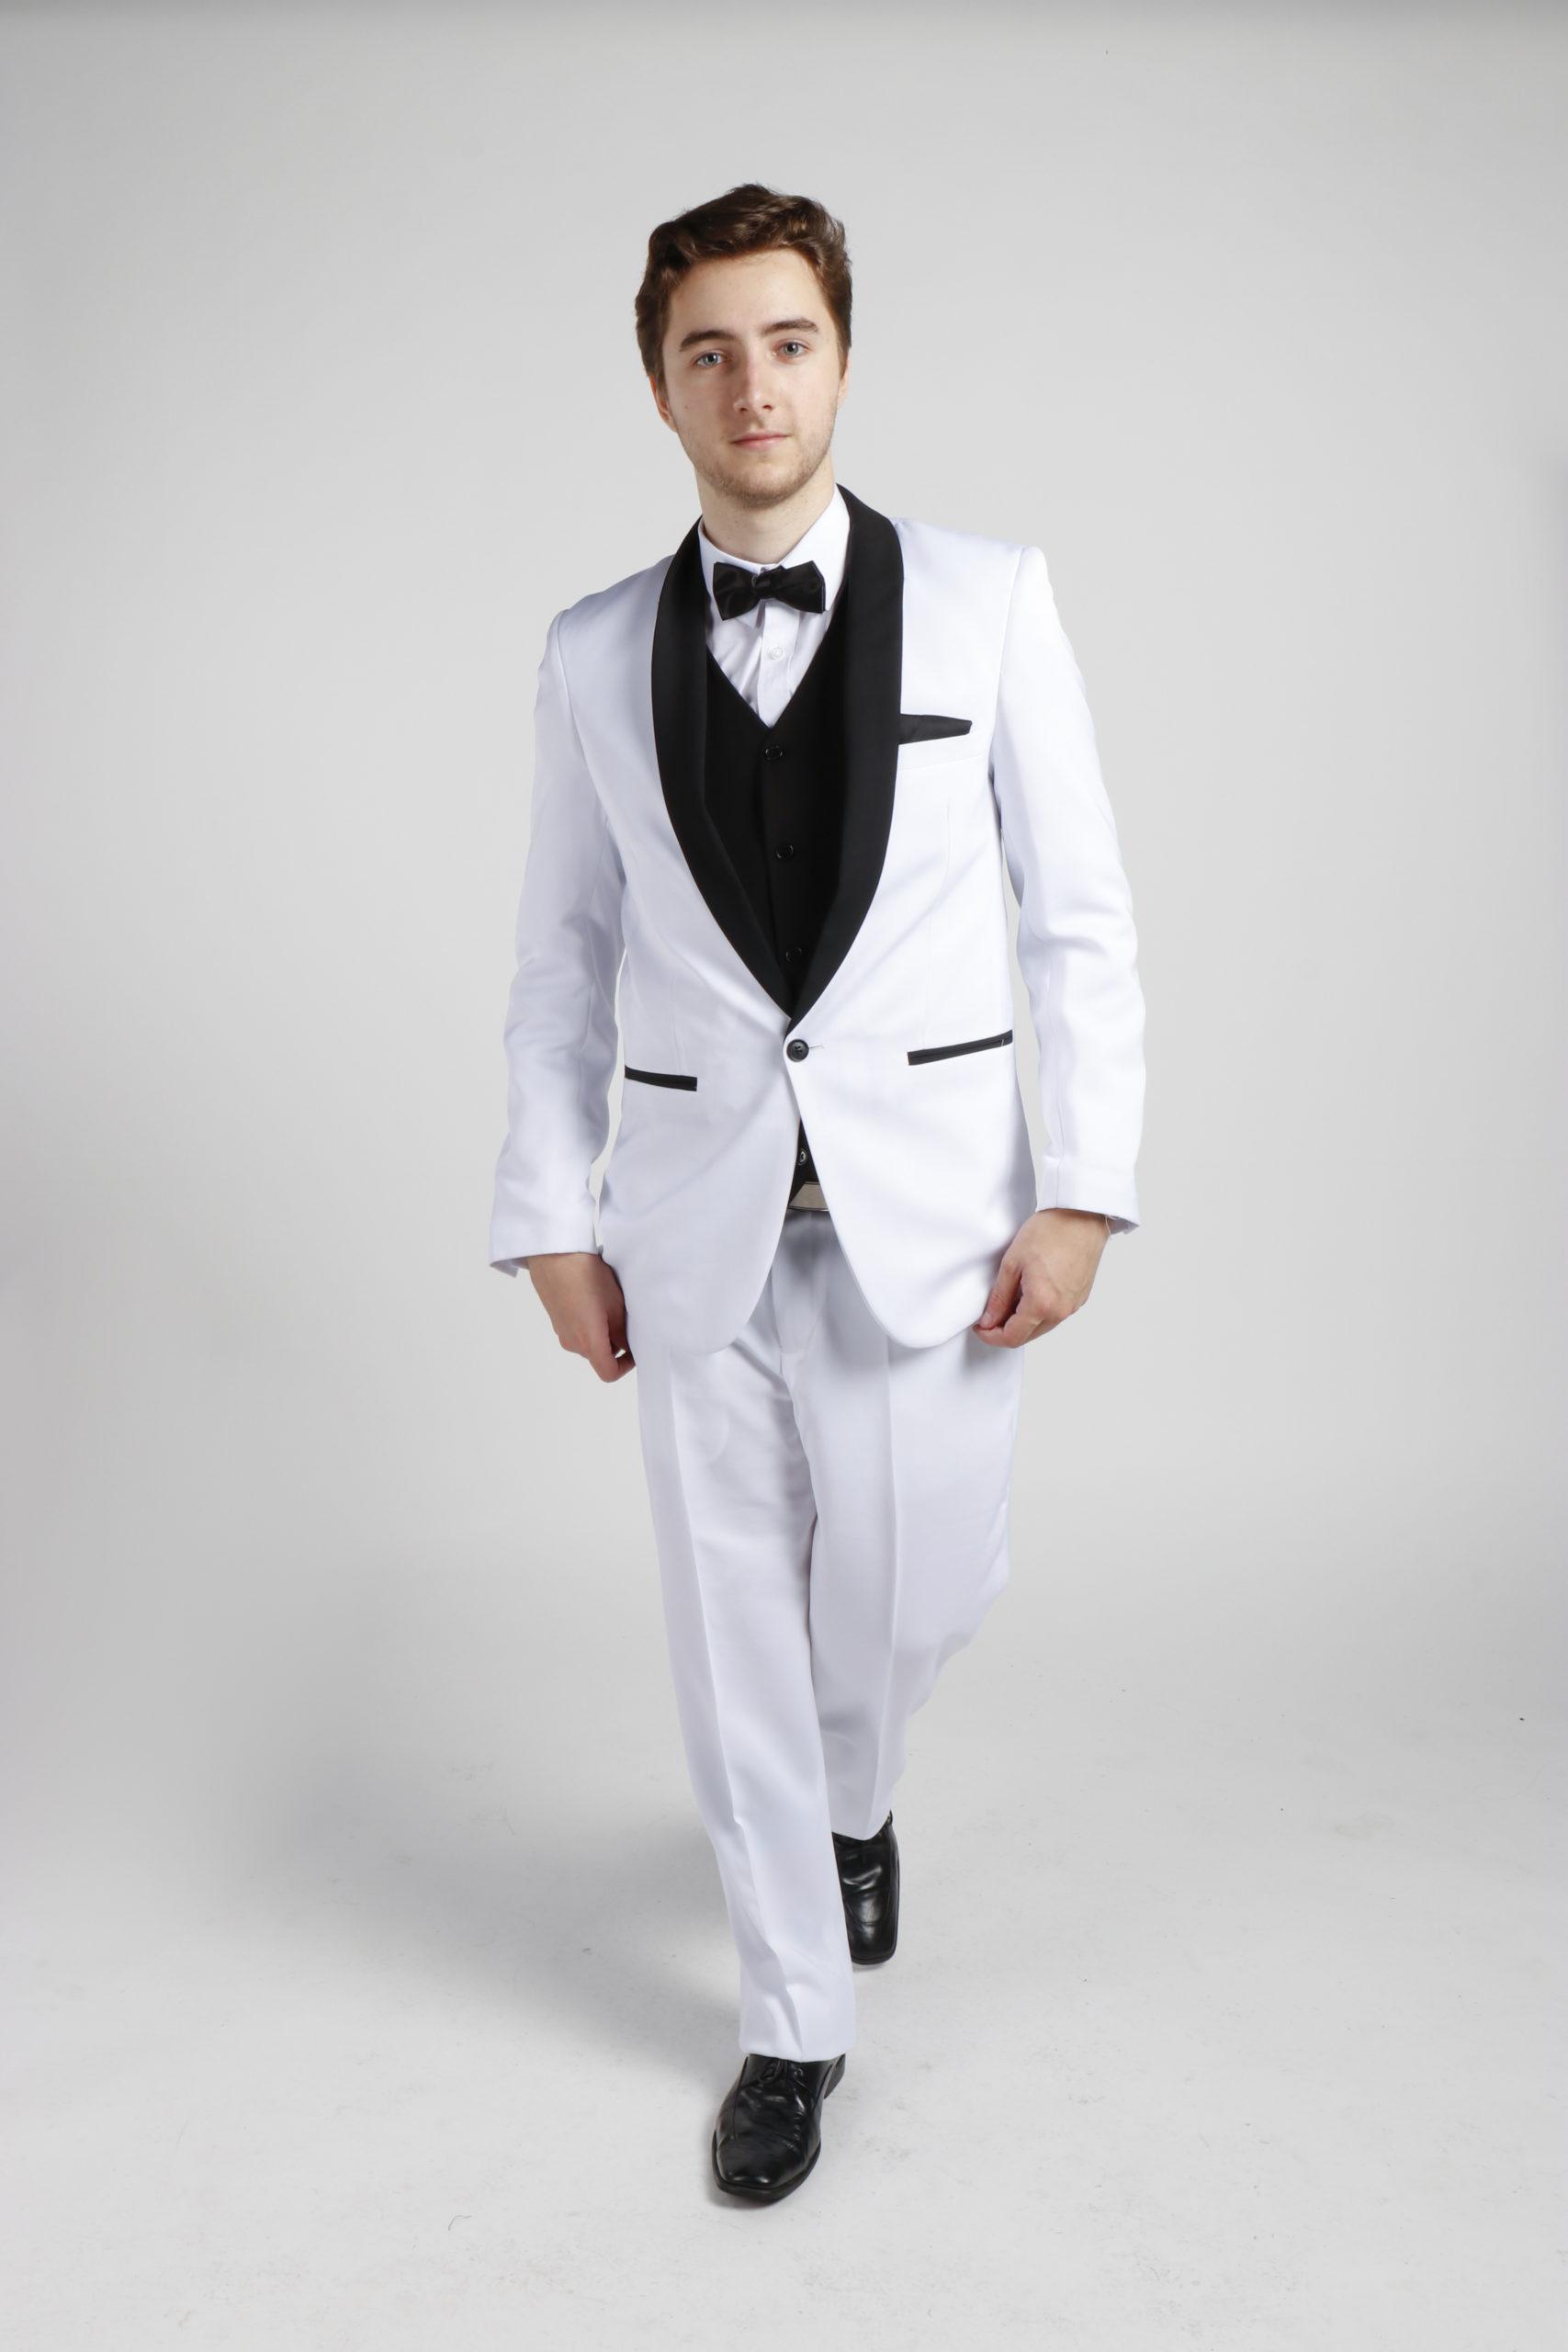 White Tuxedo with Black Lapels (White Style)